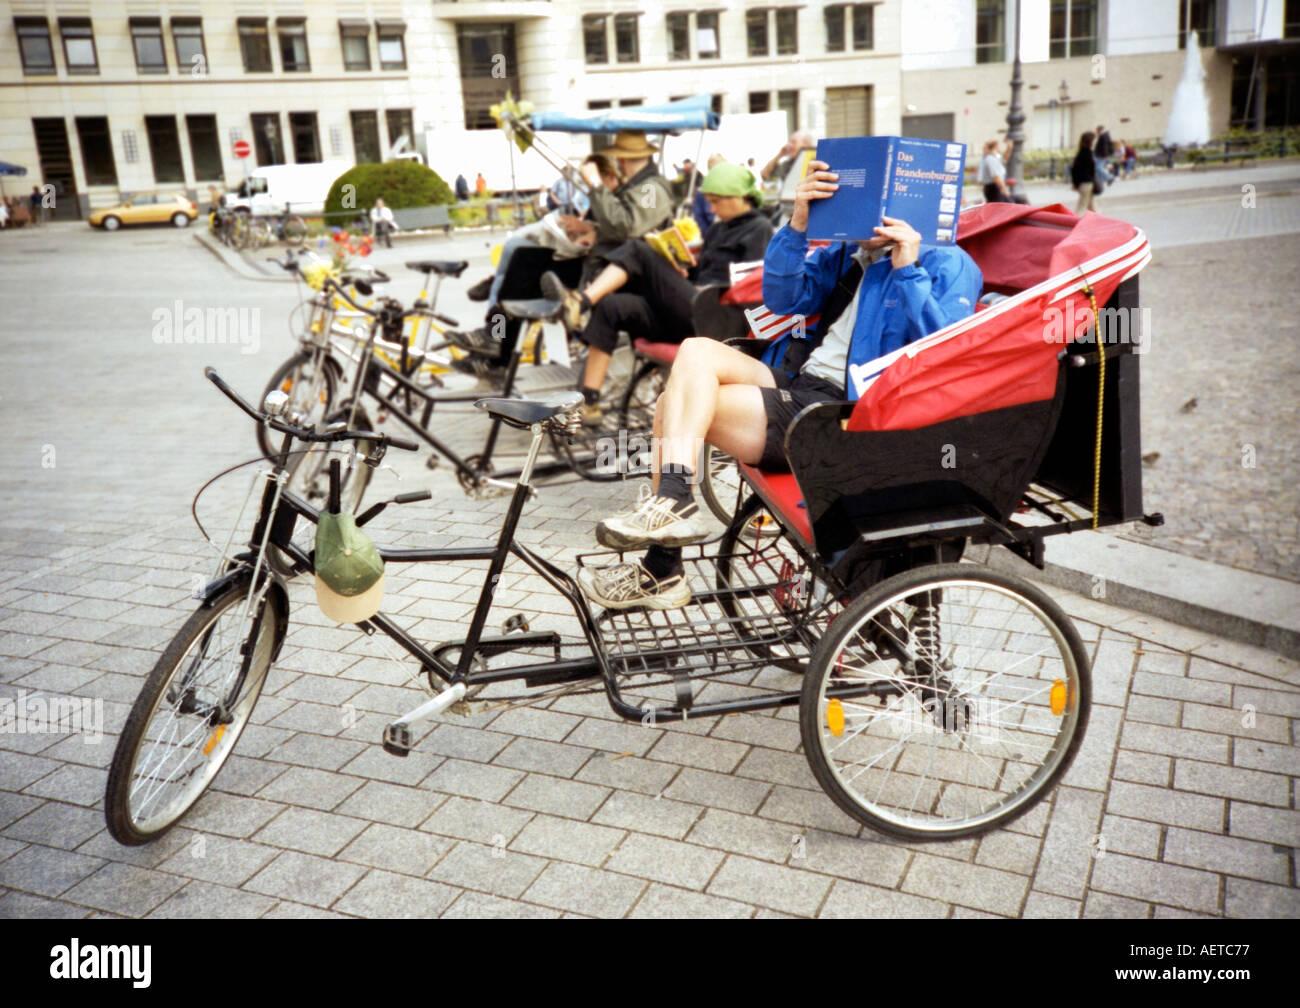 Velo taxi in attesa per le tariffe al di fuori della Porta di Brandeburgo, Berlino, Germania, Europa Immagini Stock